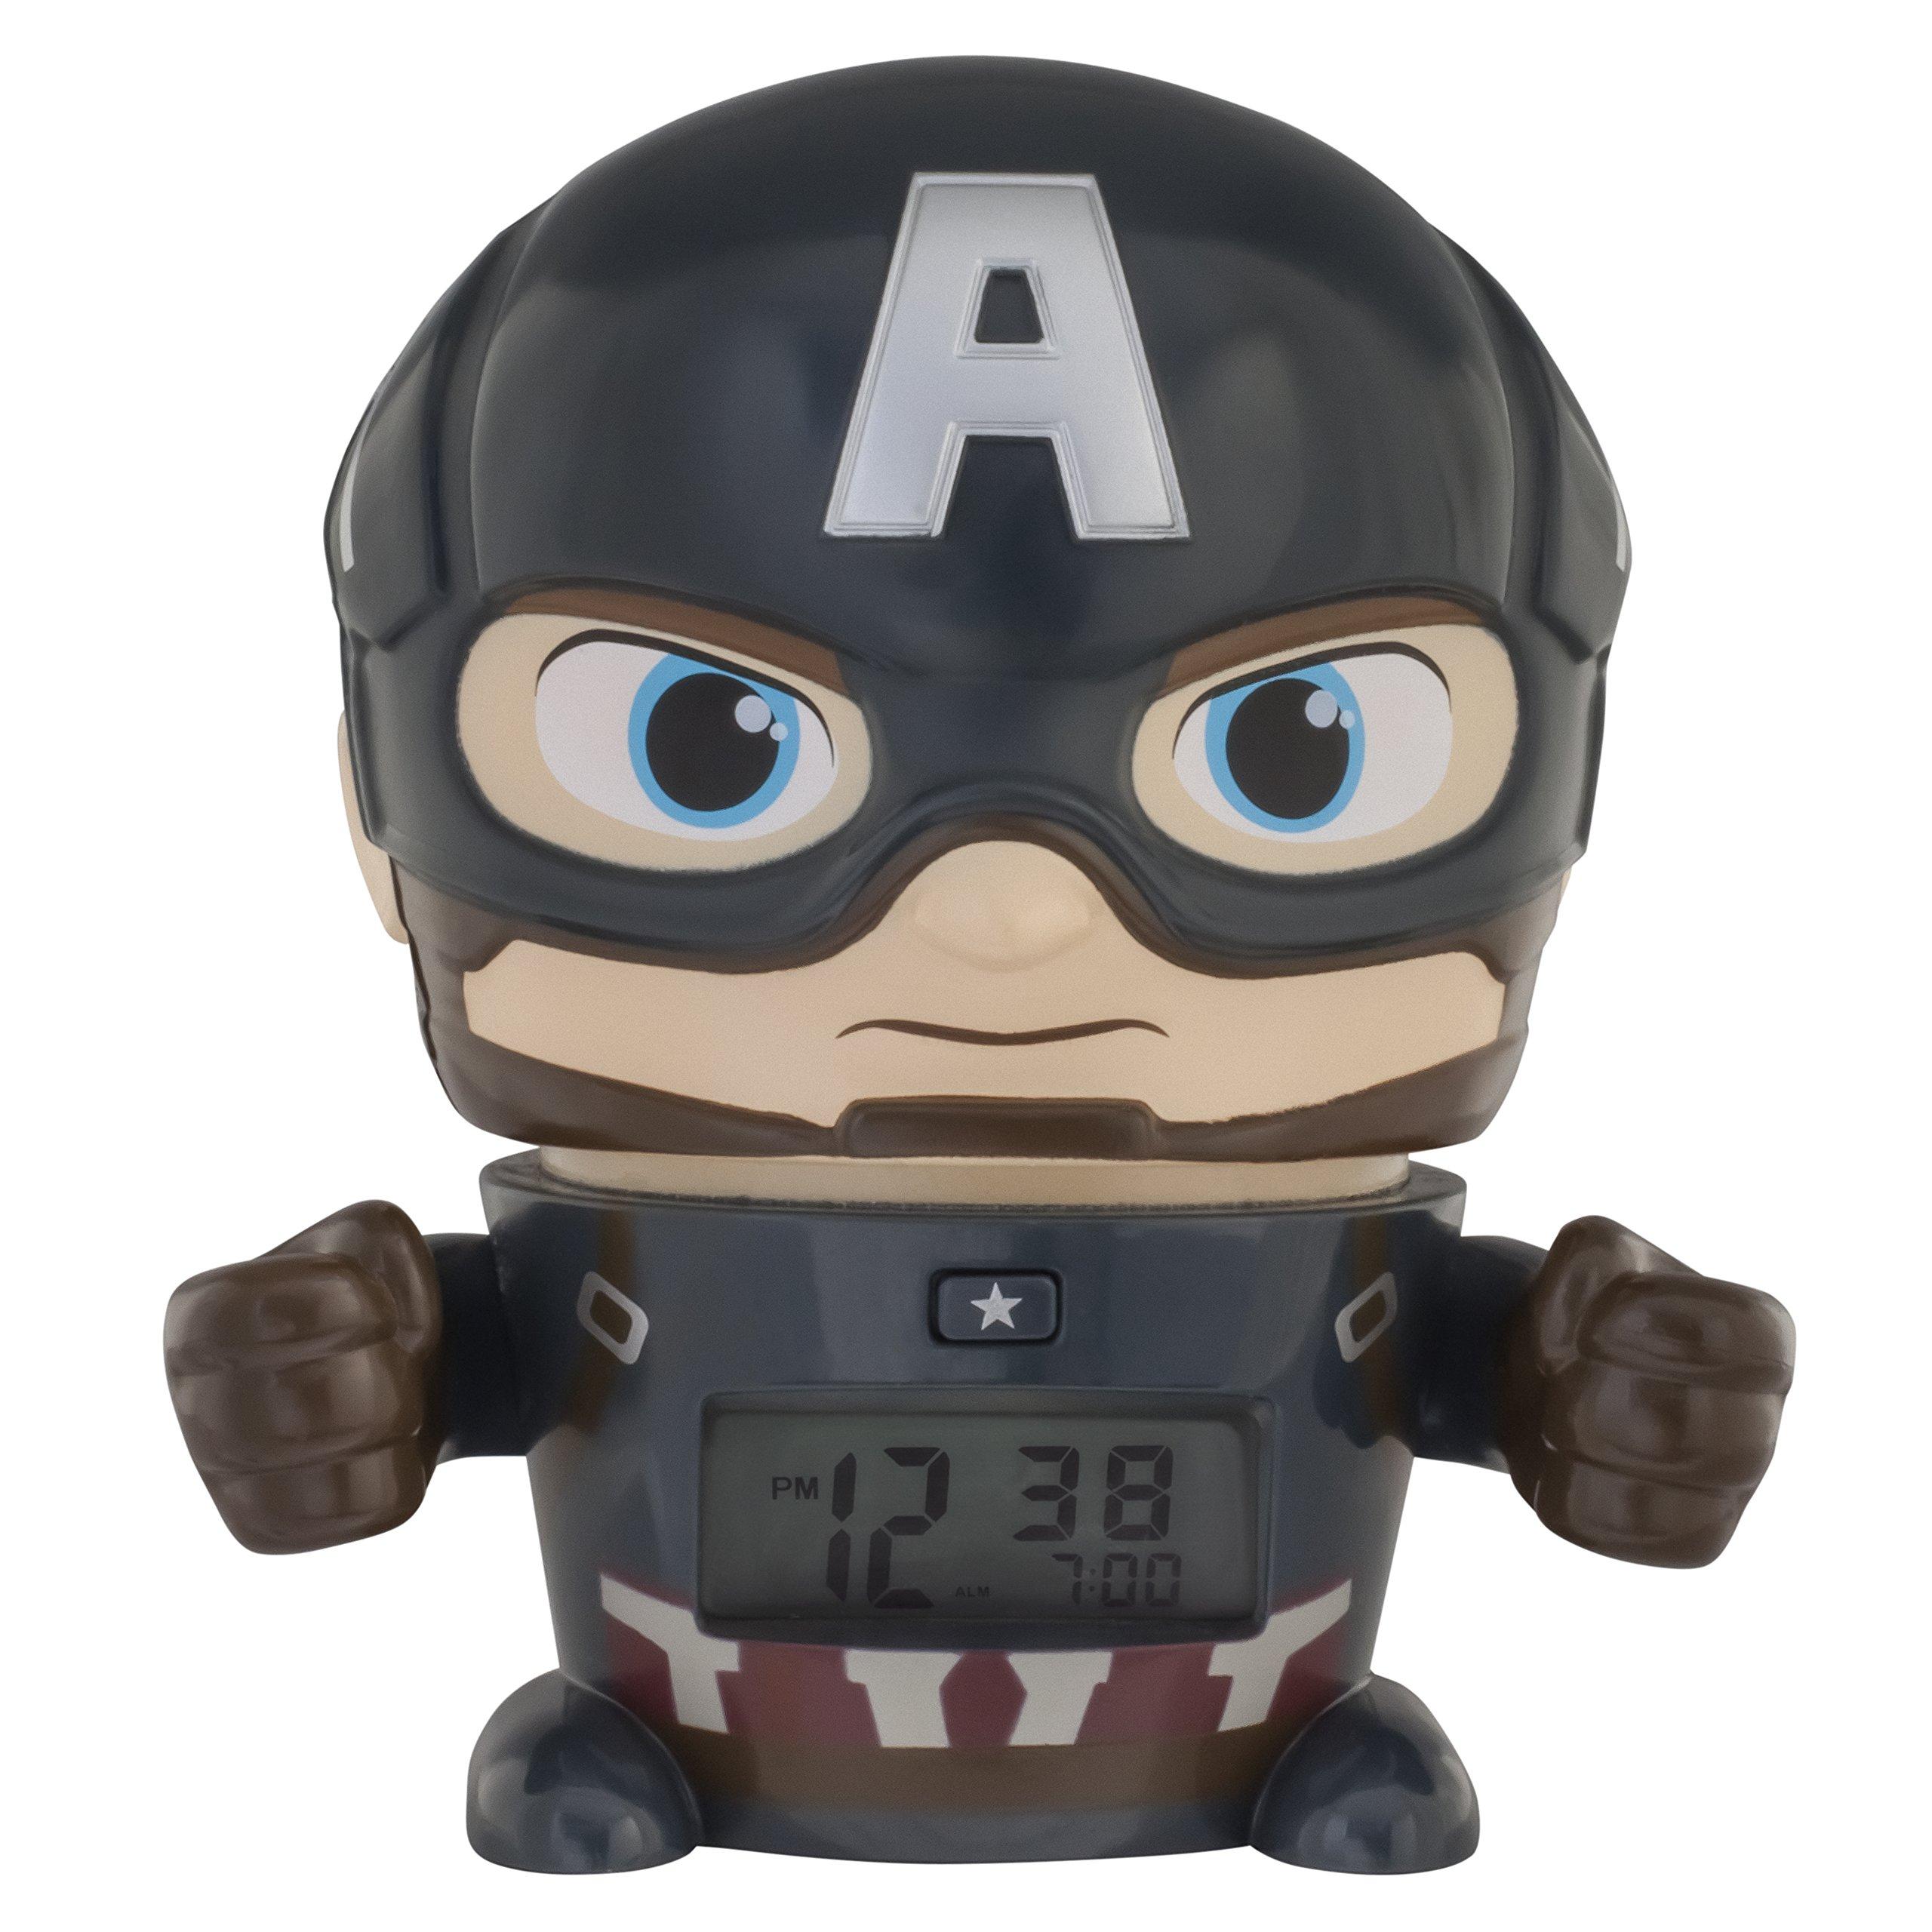 Bulb Botz Avengers: Infinity War Night Light BulbBotz Marvel Captain America Alarm Clock